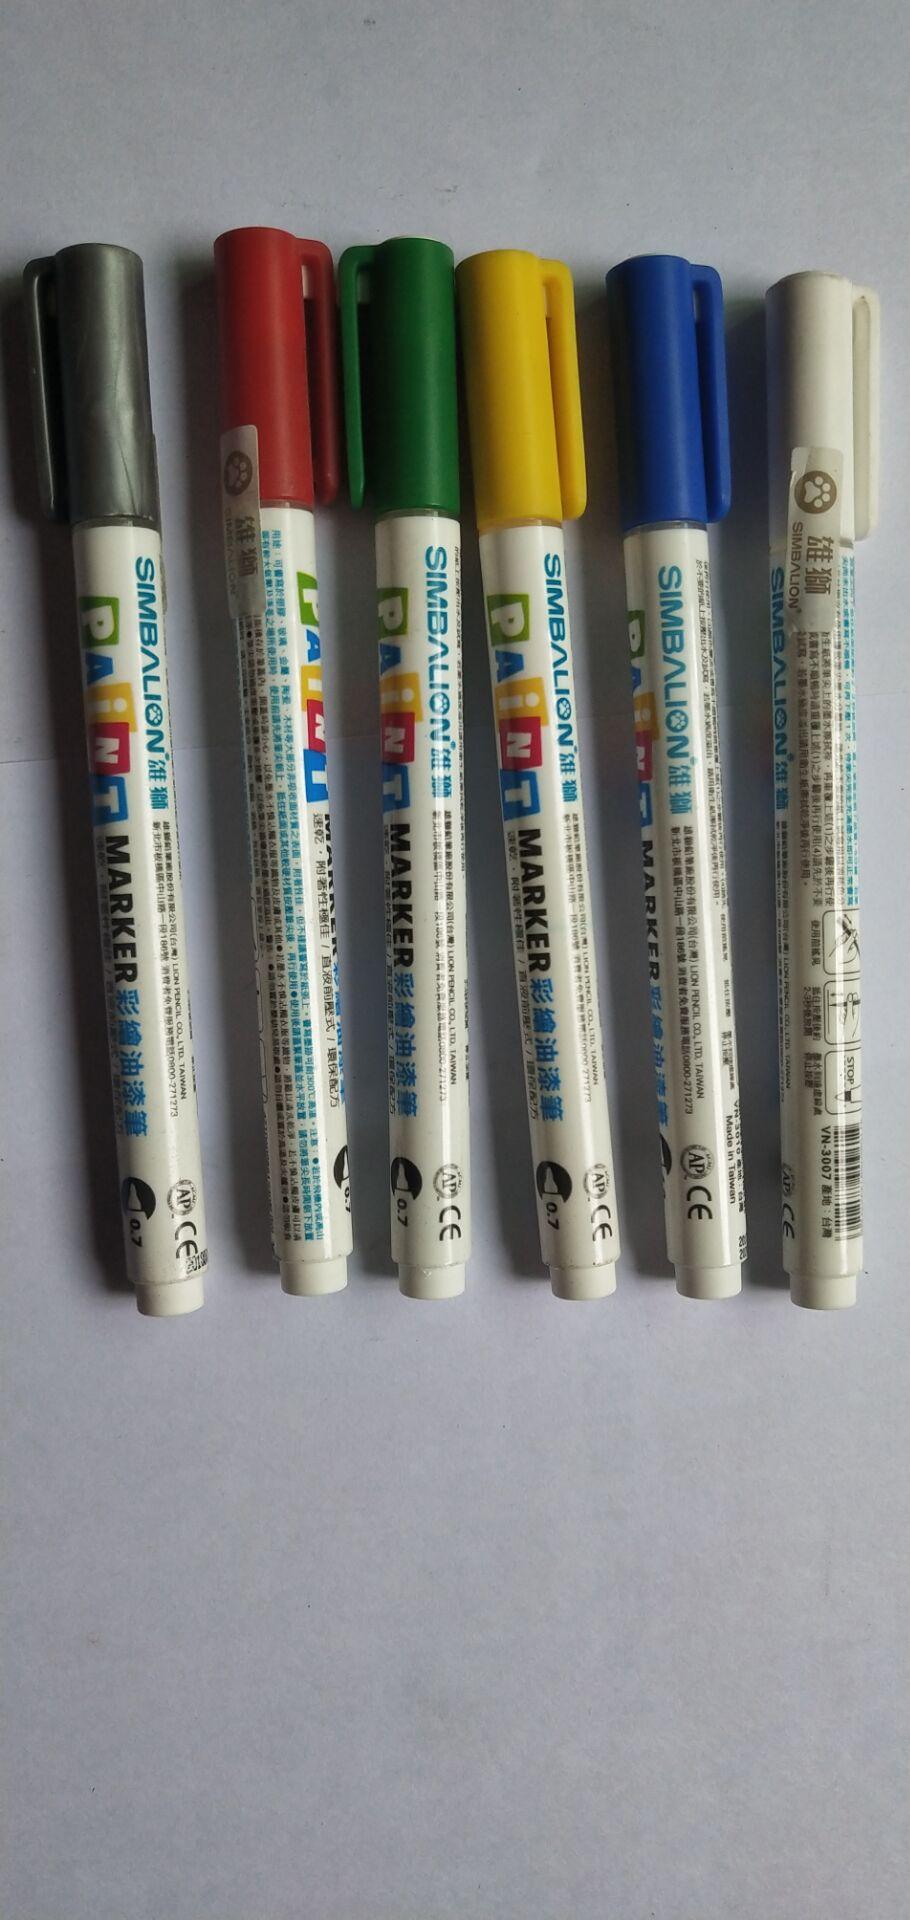 台湾雄狮MARKER彩绘油漆笔(VN-3010)耐高温 正品保证提供SGS 2